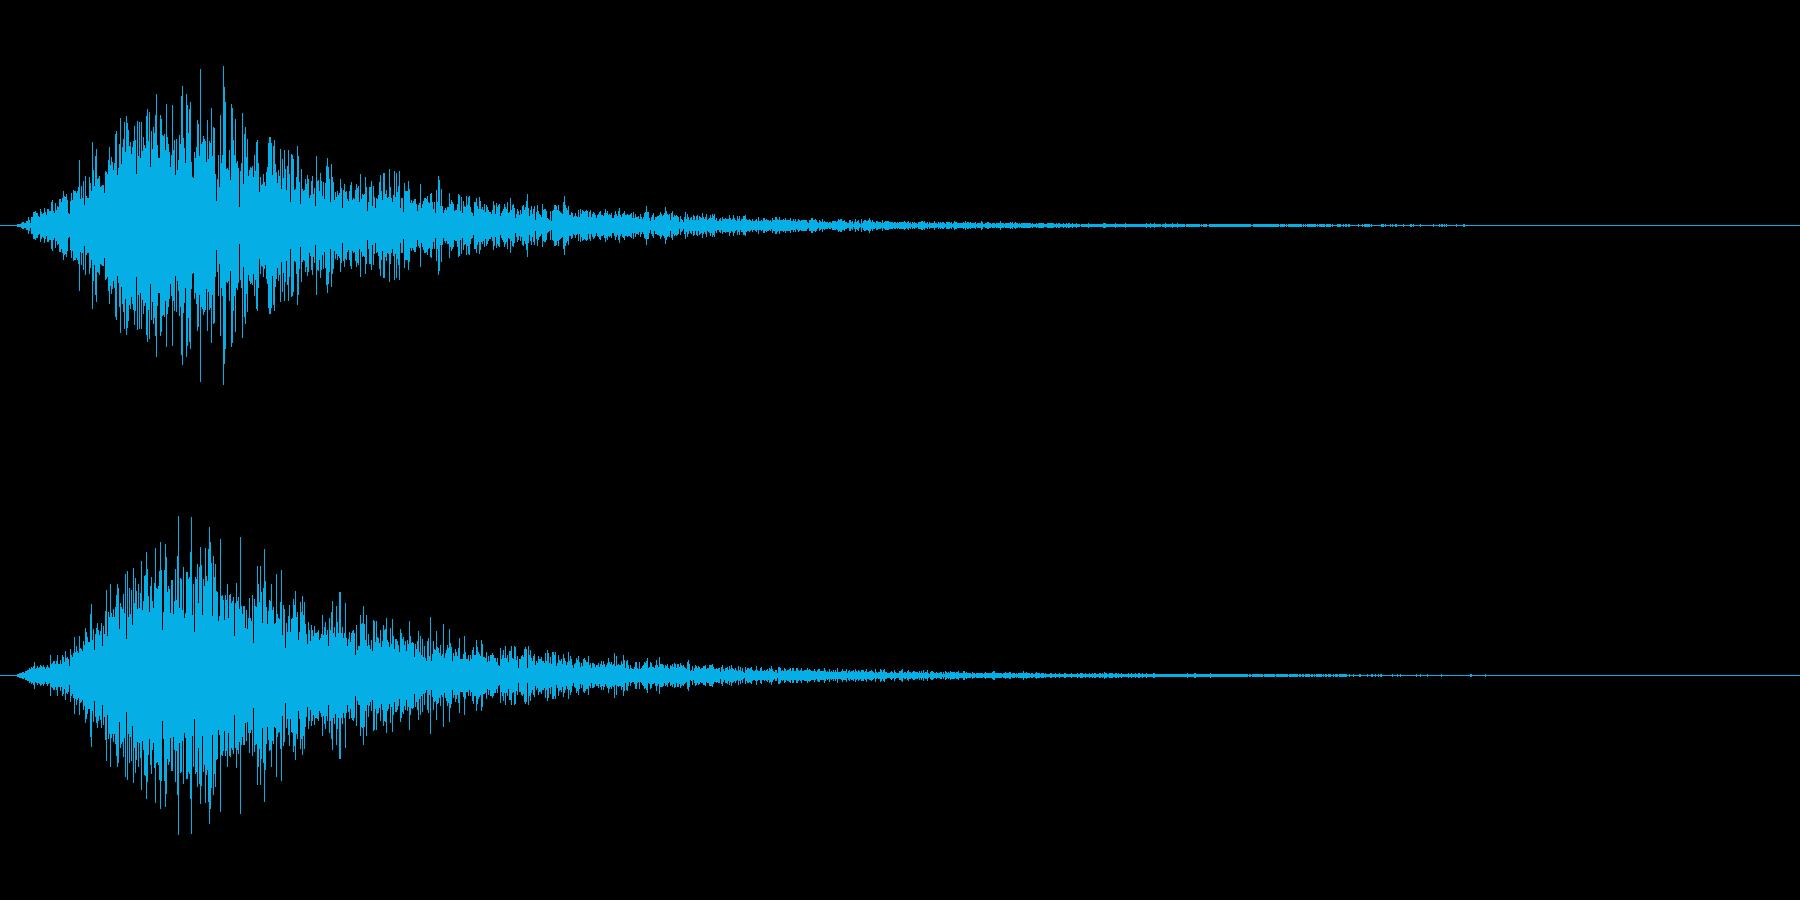 シューという蒸気の効果音の再生済みの波形